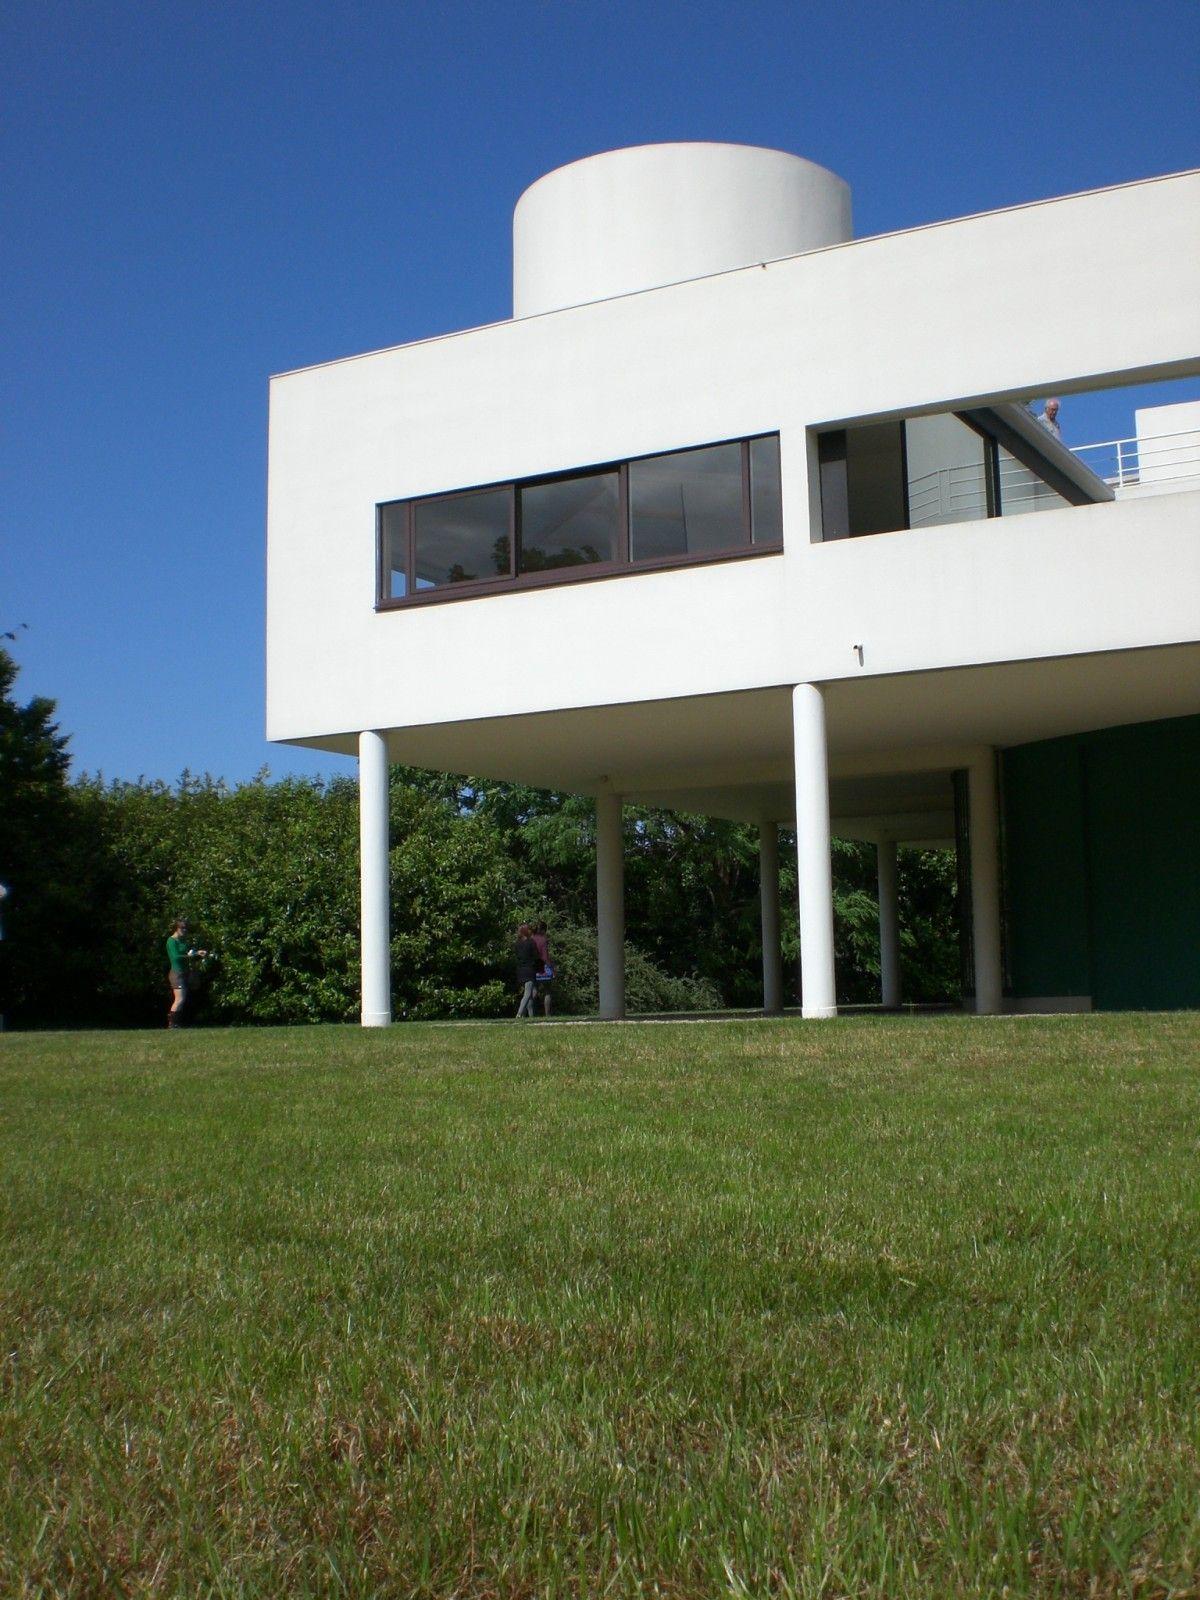 Poissy - La Villa Savoye de Le Corbusier | Le corbusier, Villas ...